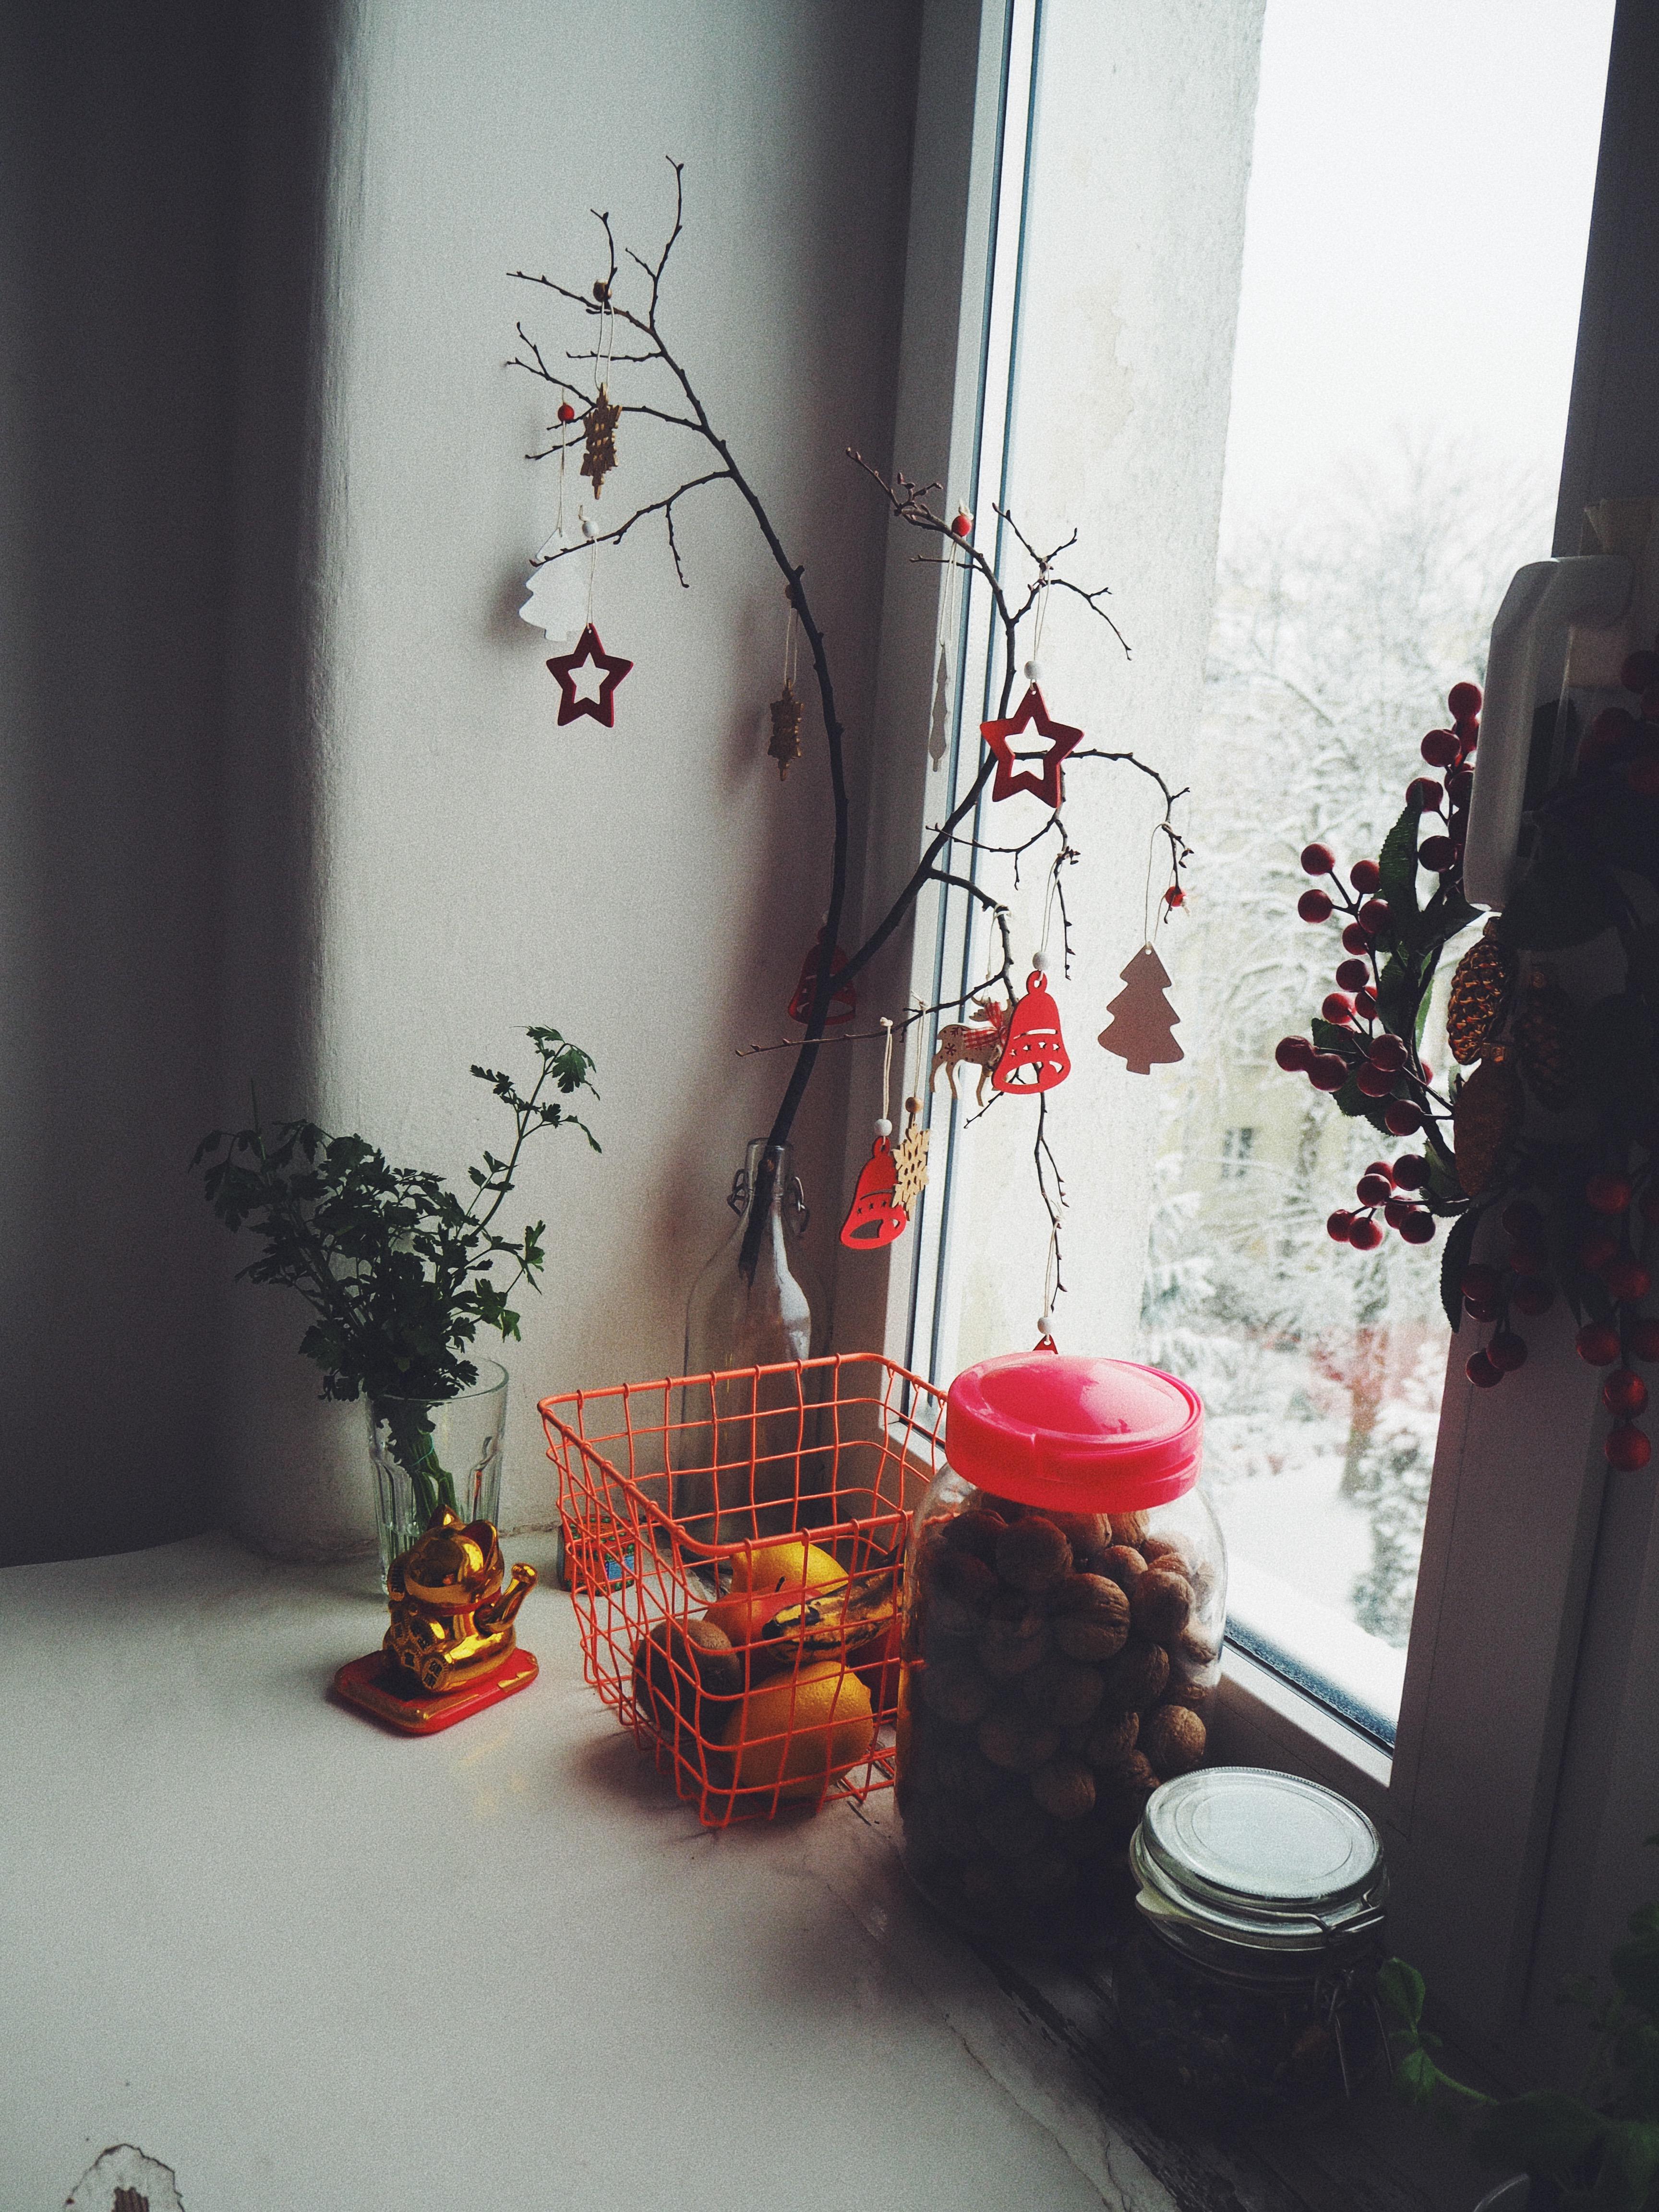 Dla mnie domowo oznacza sezonowo, żywo, z zaangazowaniem. Dom musi mówić o swoich właścicielach.